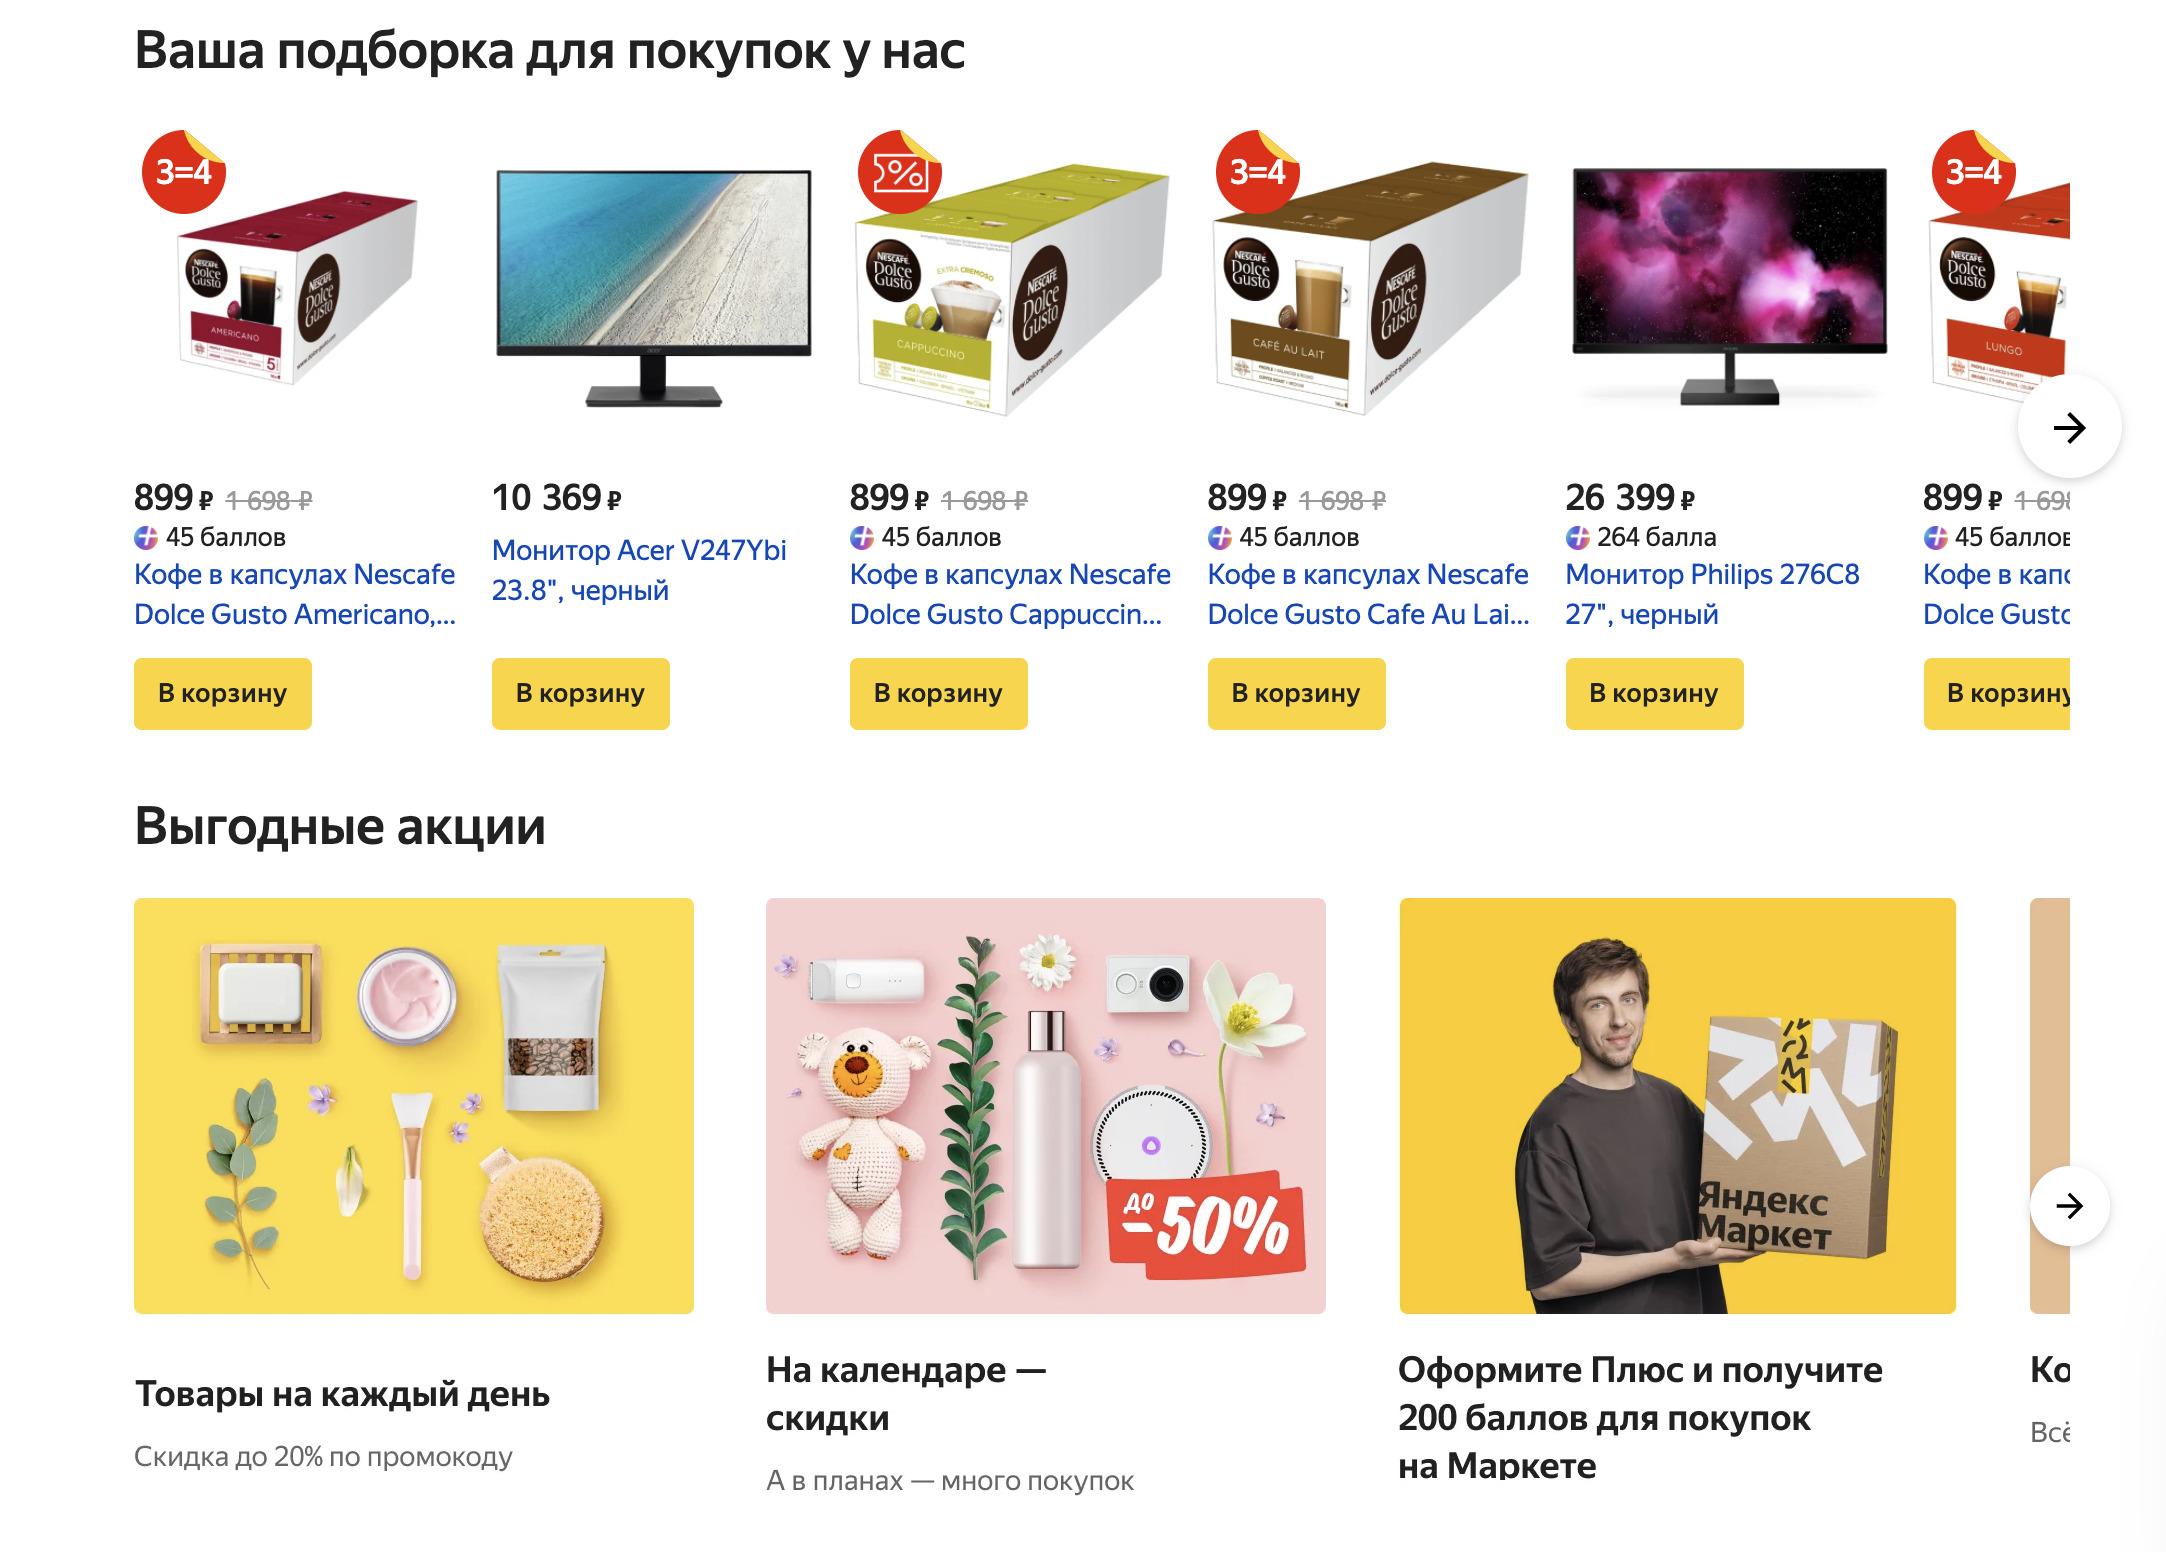 Доставка из Яндекс.Маркет в Ессентуки, сроки, пункты выдачи, каталог